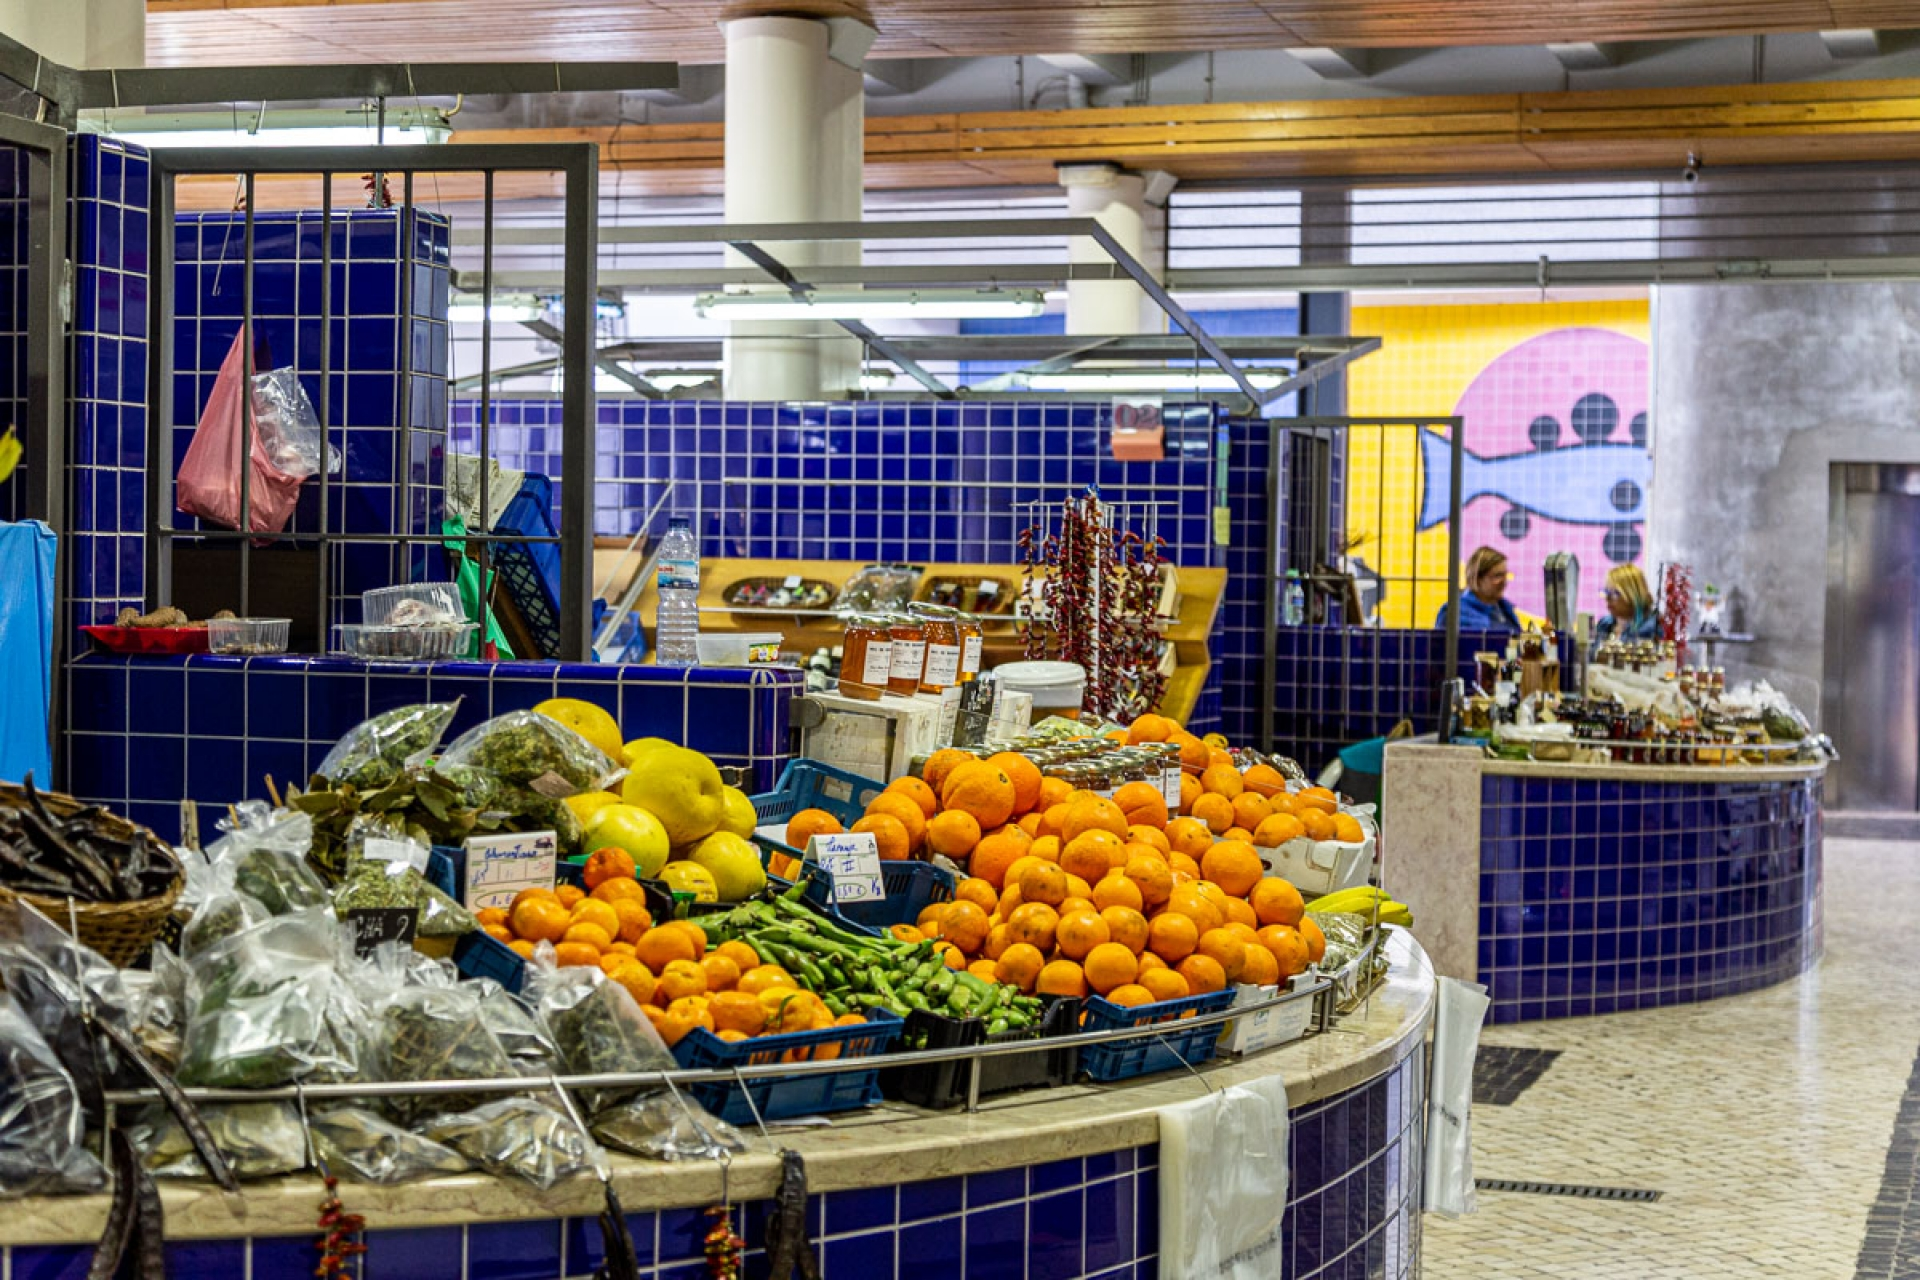 AlgarveCool_Comprar_Mercado_Municipal_da_Avenida_de_Lagos